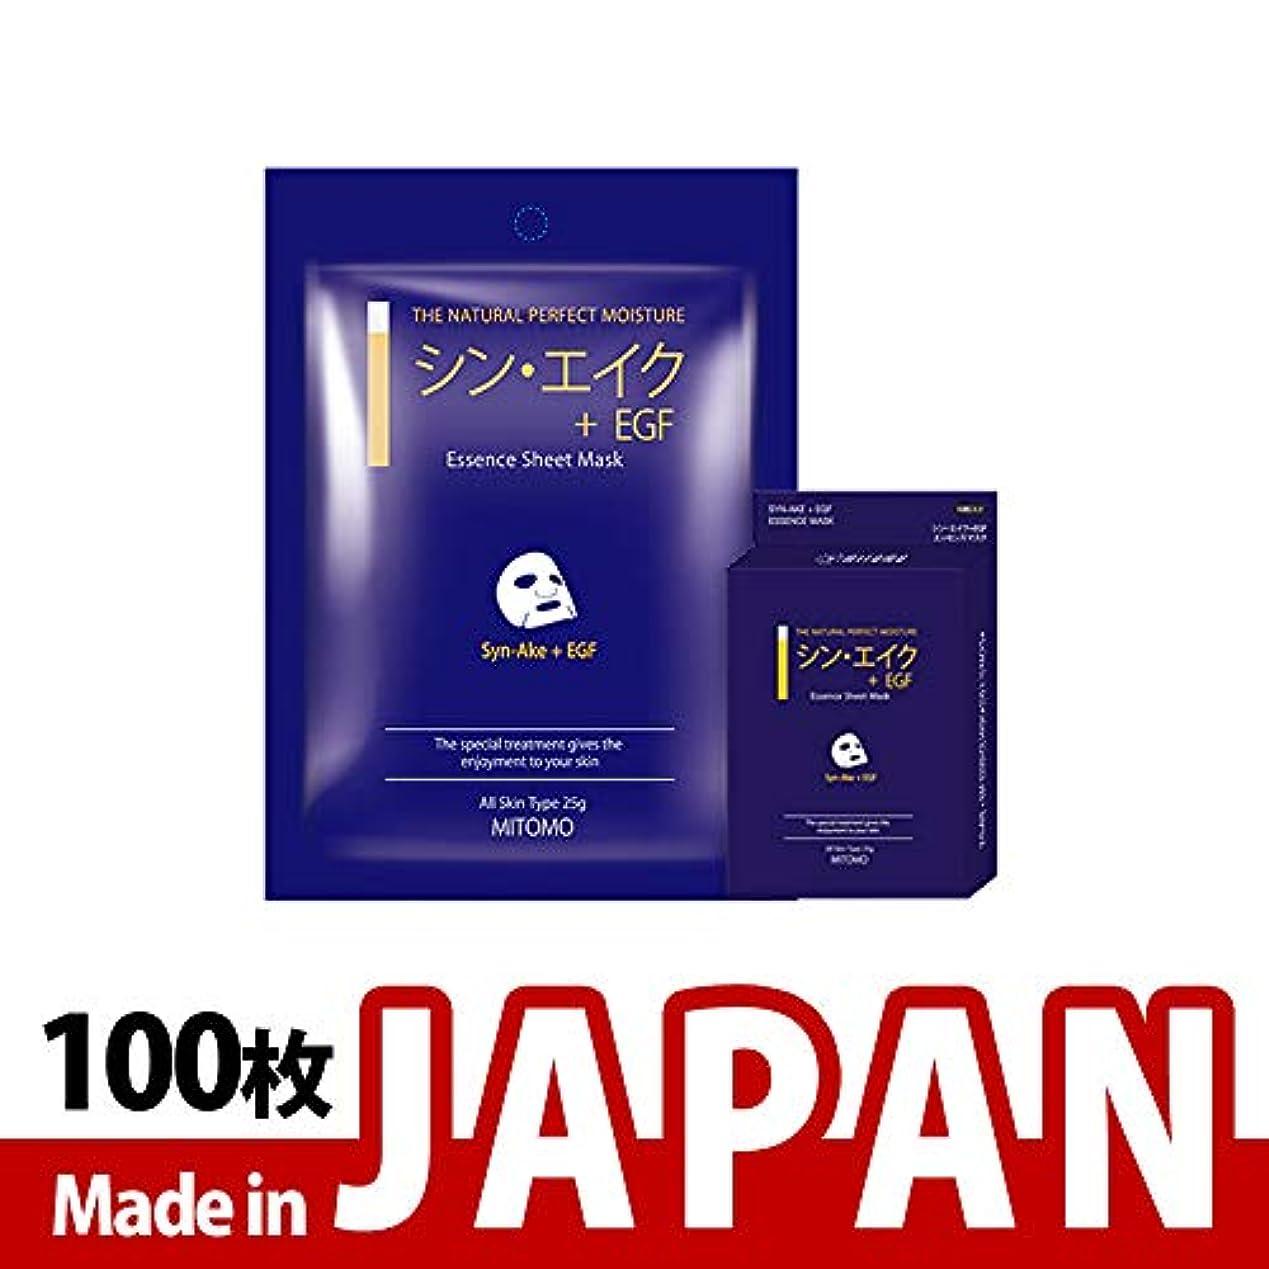 ながらパウダー時期尚早MITOMO【MC001-A-3】日本製シートマスク/10枚入り/100枚/美容液/マスクパック/送料無料